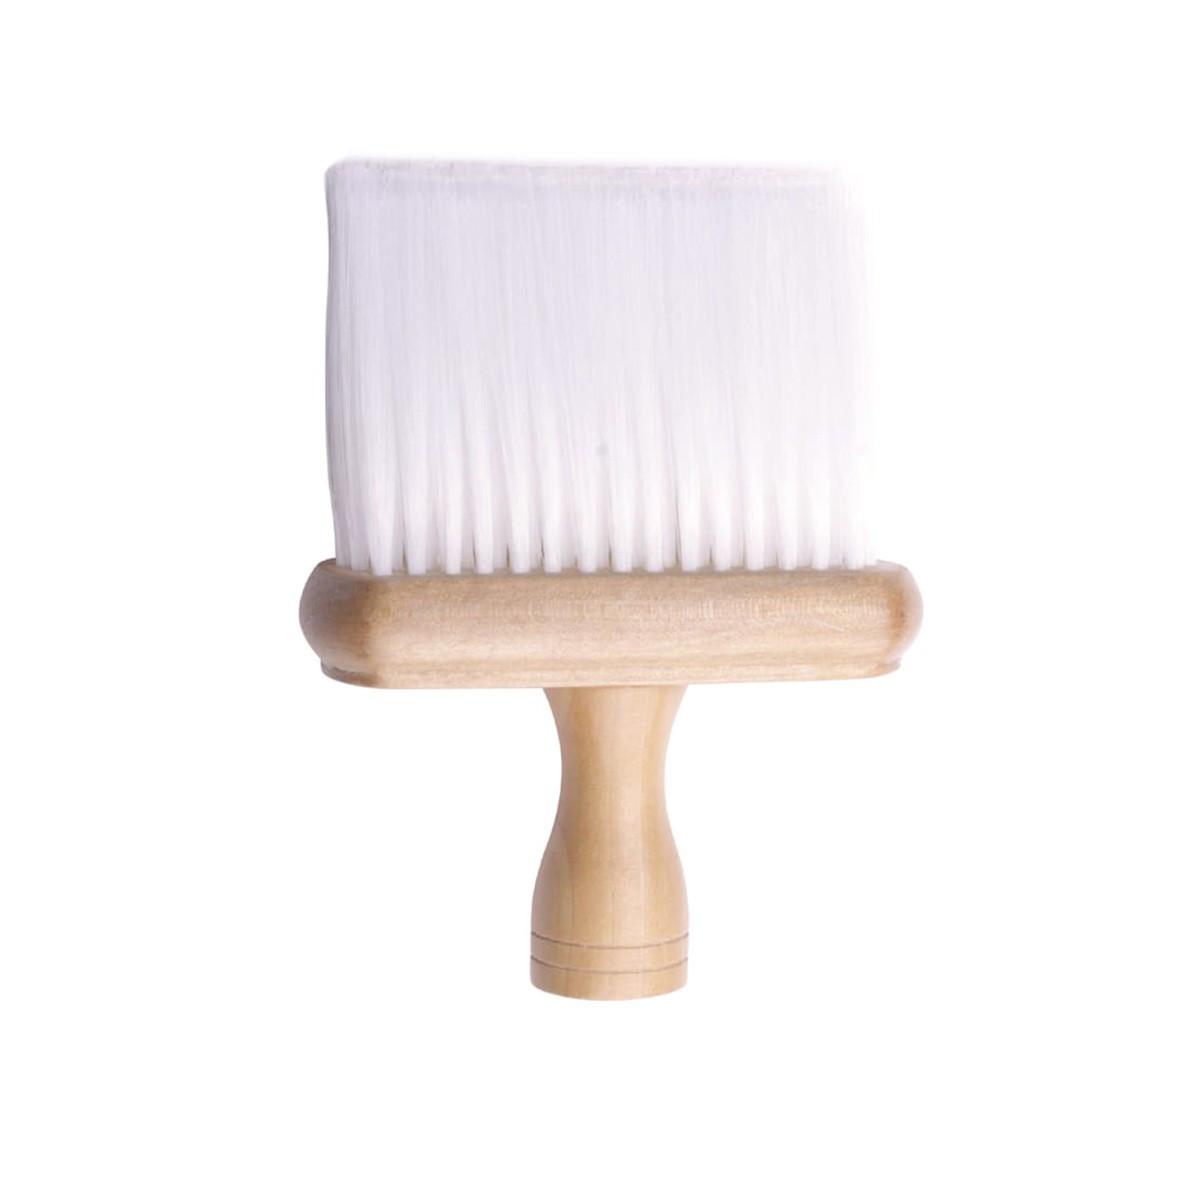 Сметка парикмахерская широкая Proline (33339)